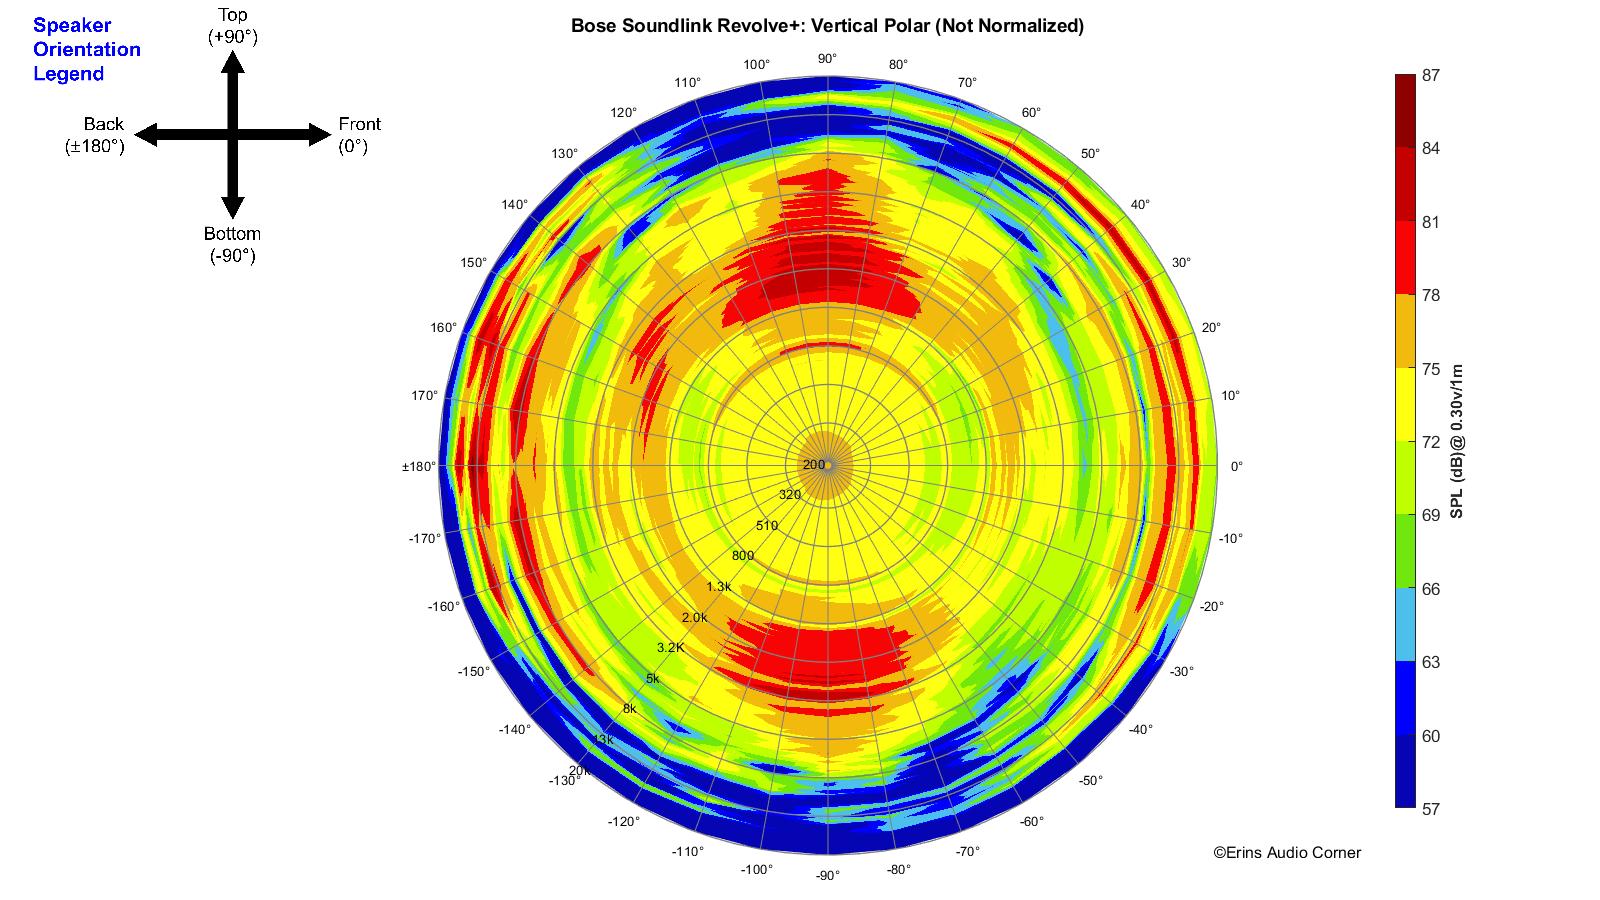 Bose%20SoundLink%20Revolve%2B_360_Vertical_Polar.png